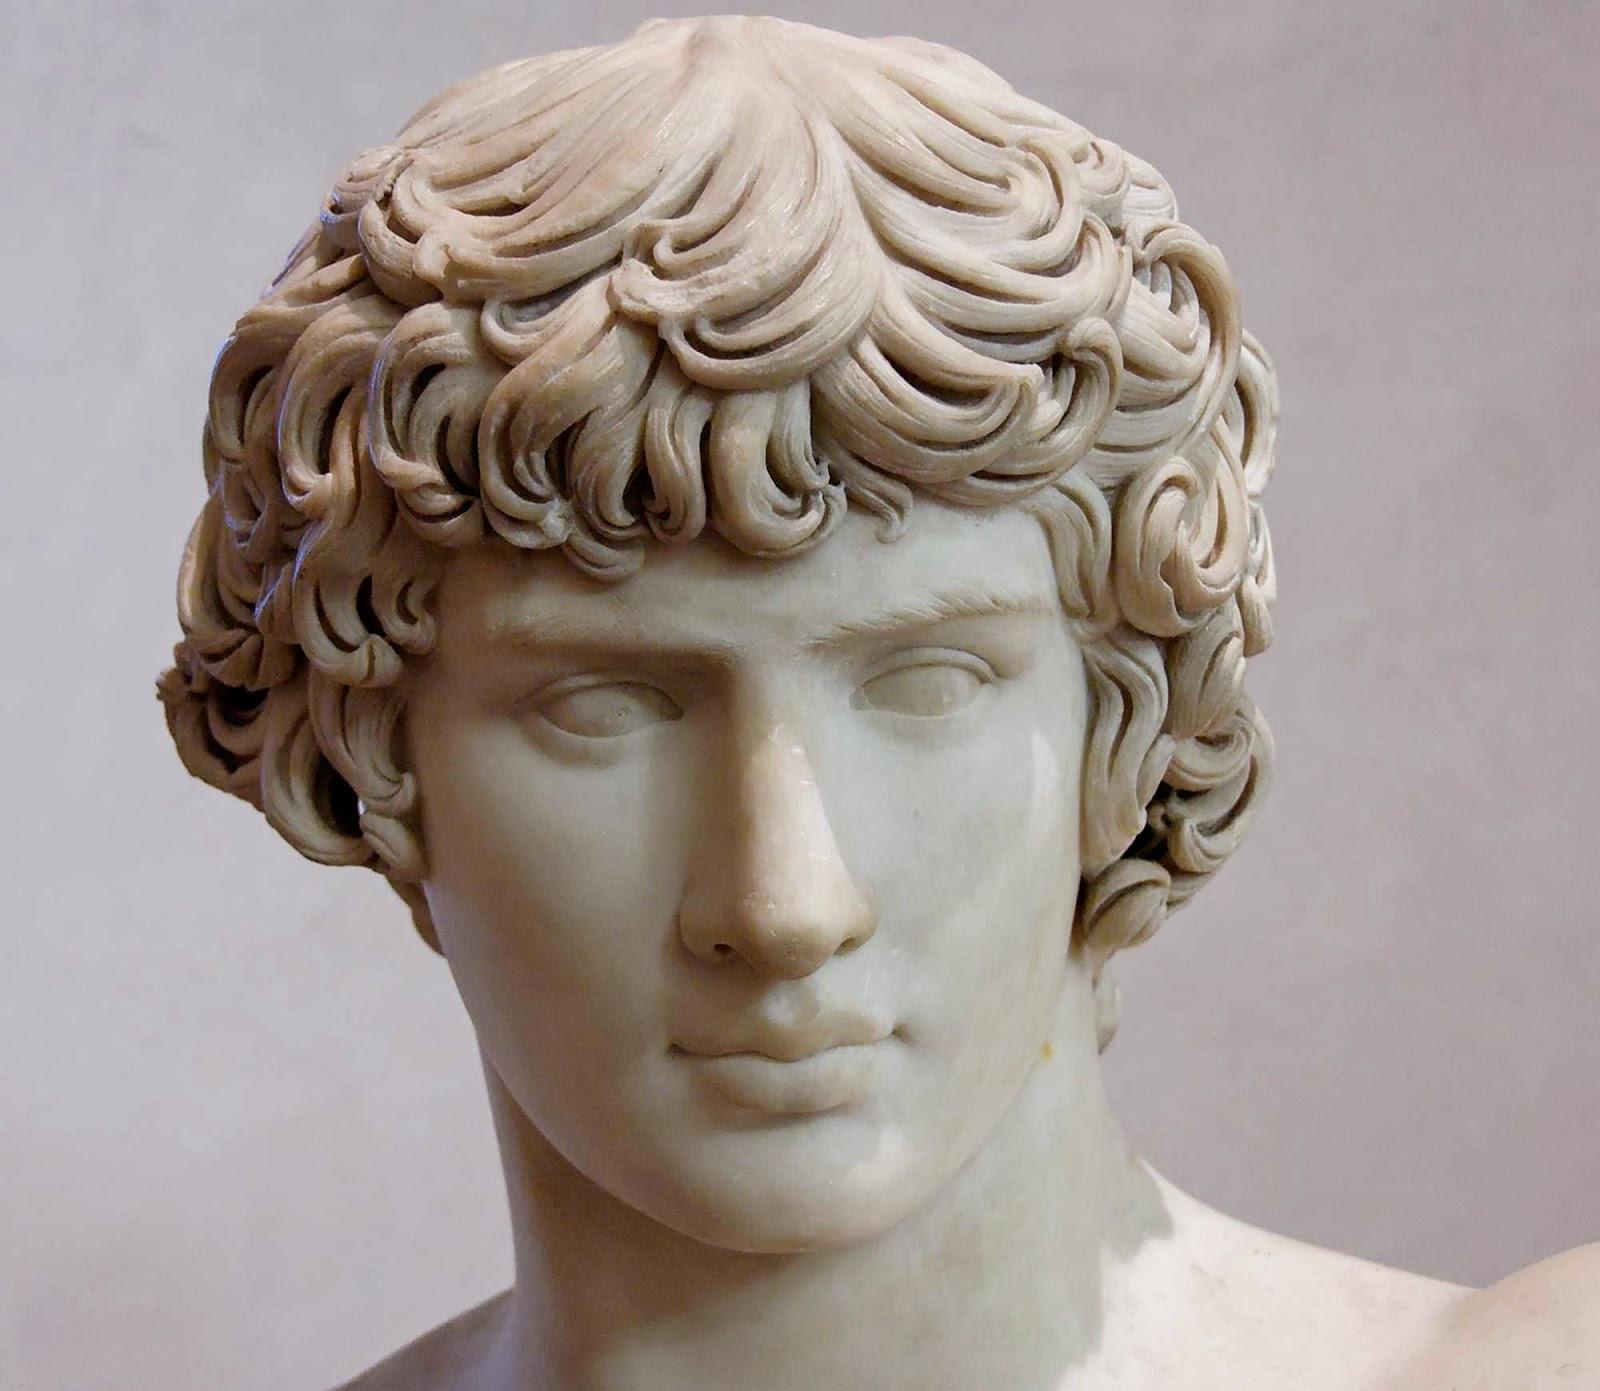 Las esculturas son objeto de derecho de autor